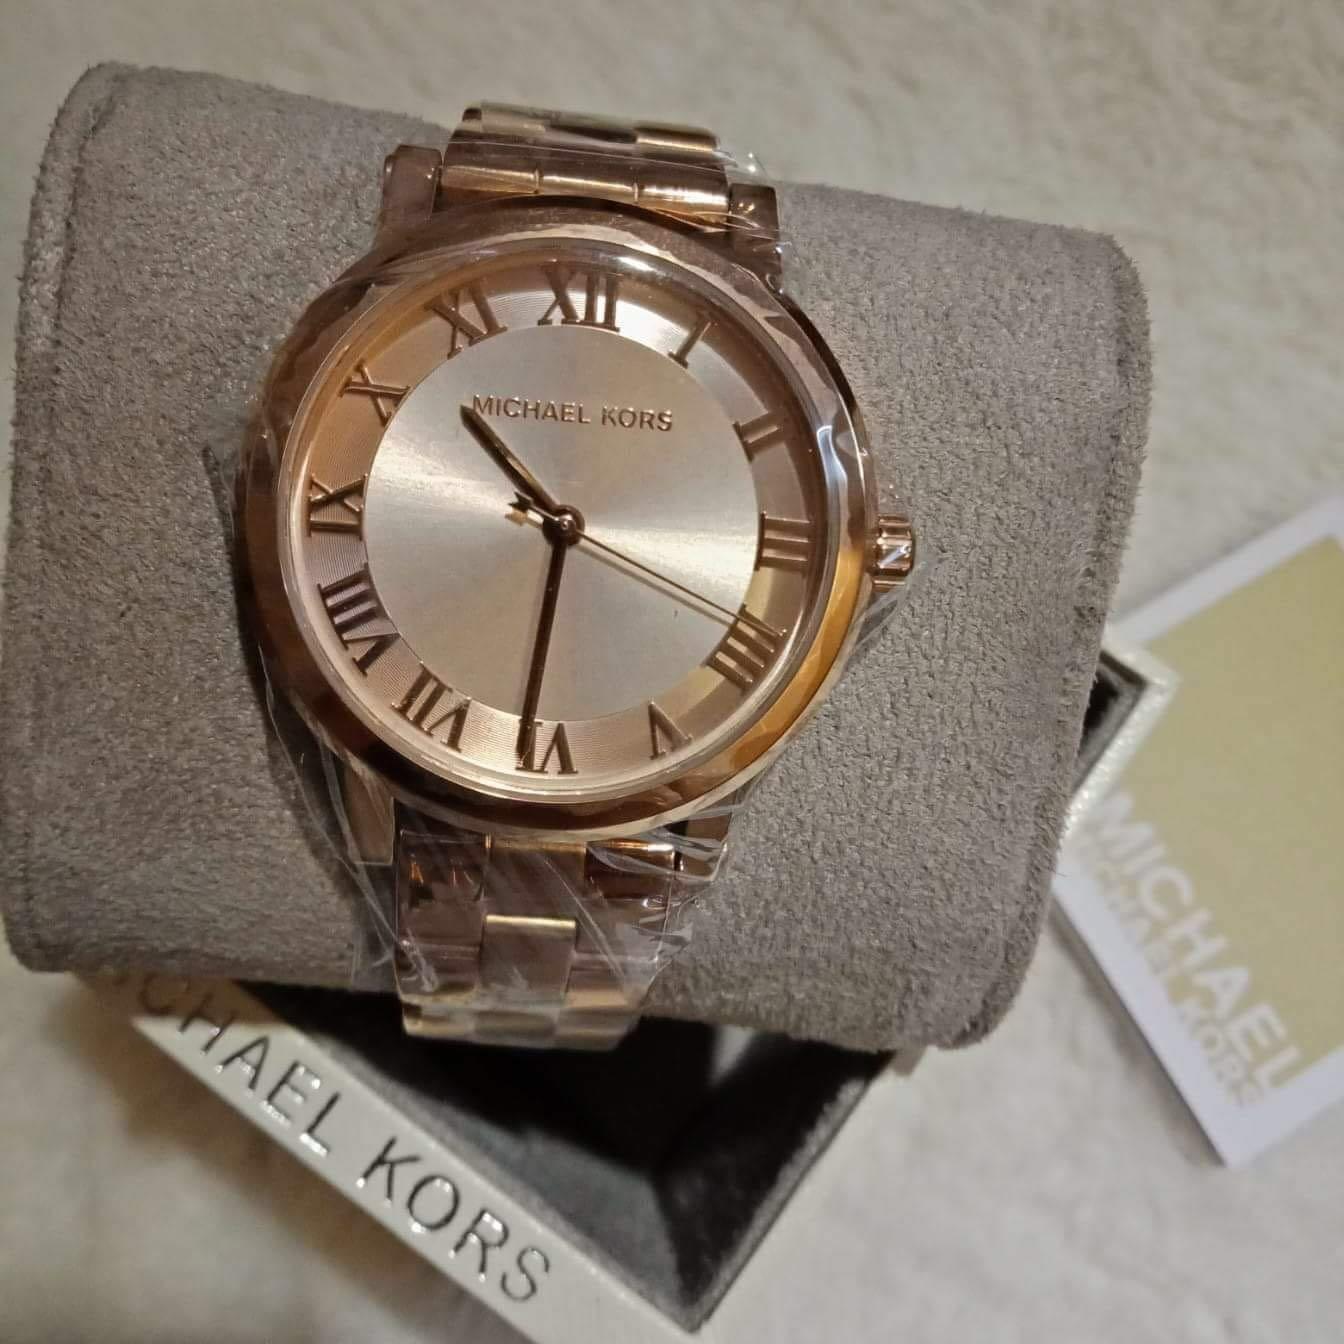 32603c2612a MK Norie Series in Rose Gold Tone Watch